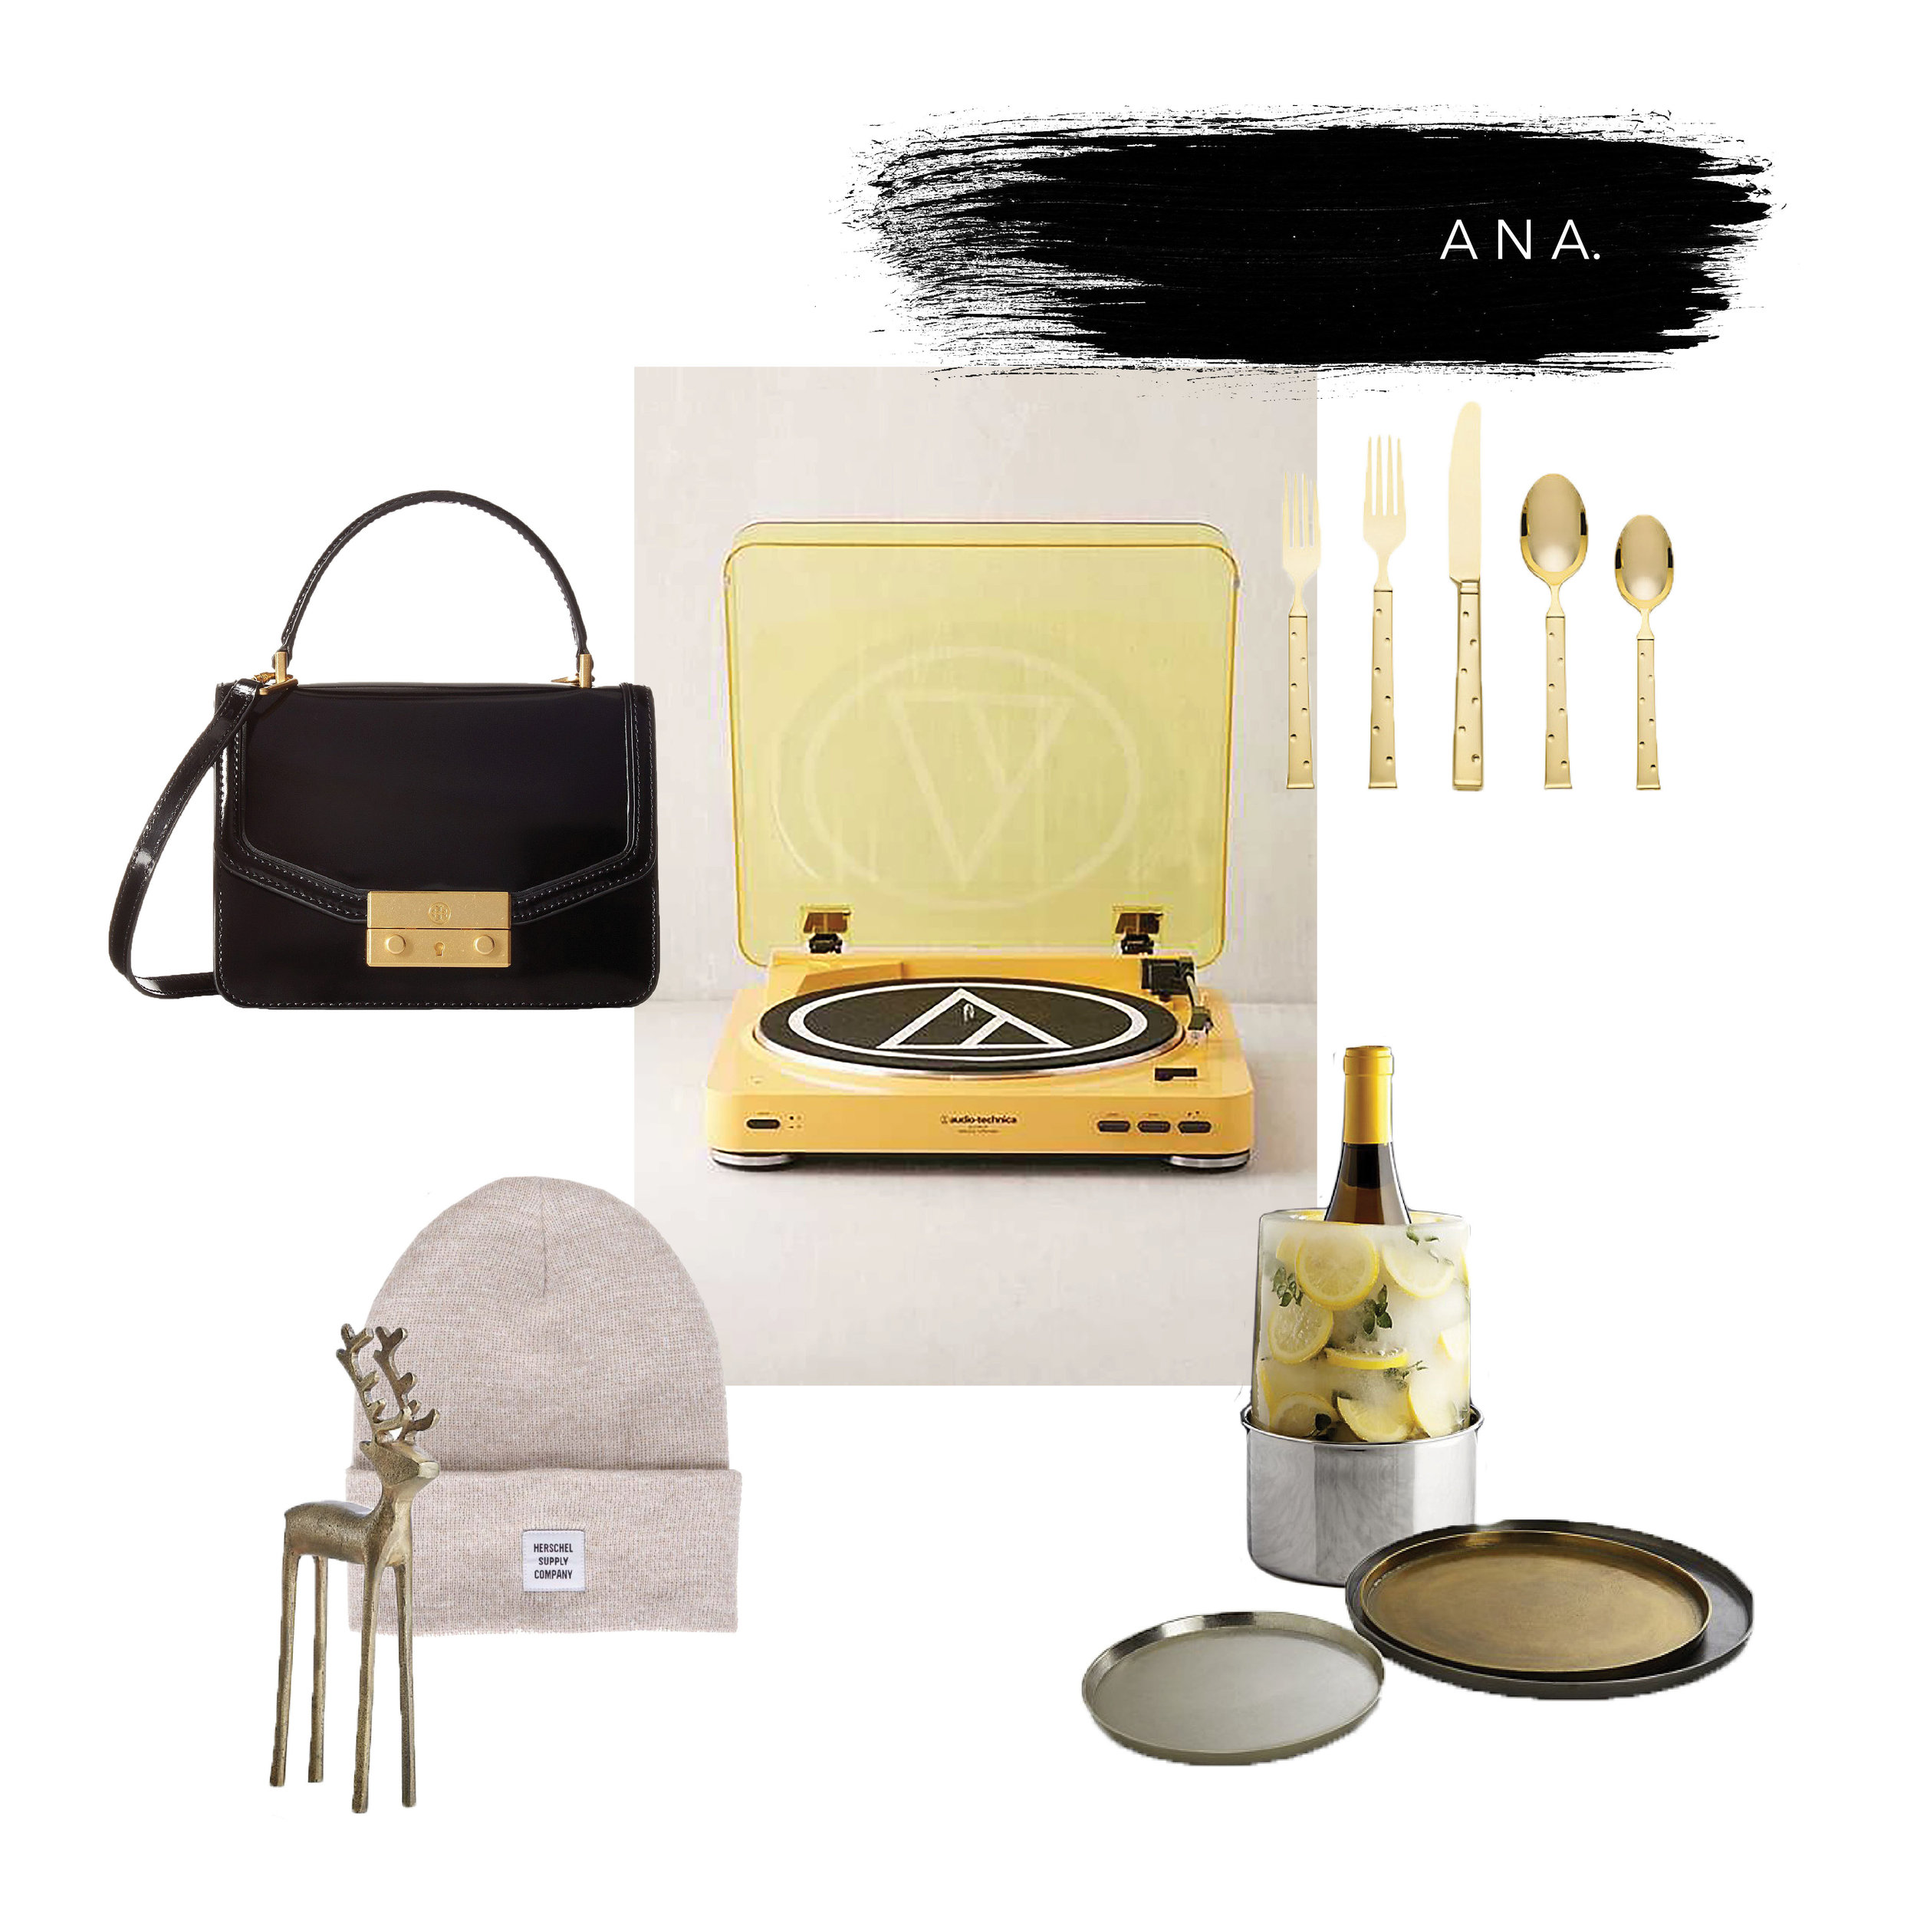 Nyla Free Designs, Ana, Staff Picks, Christmas 2017